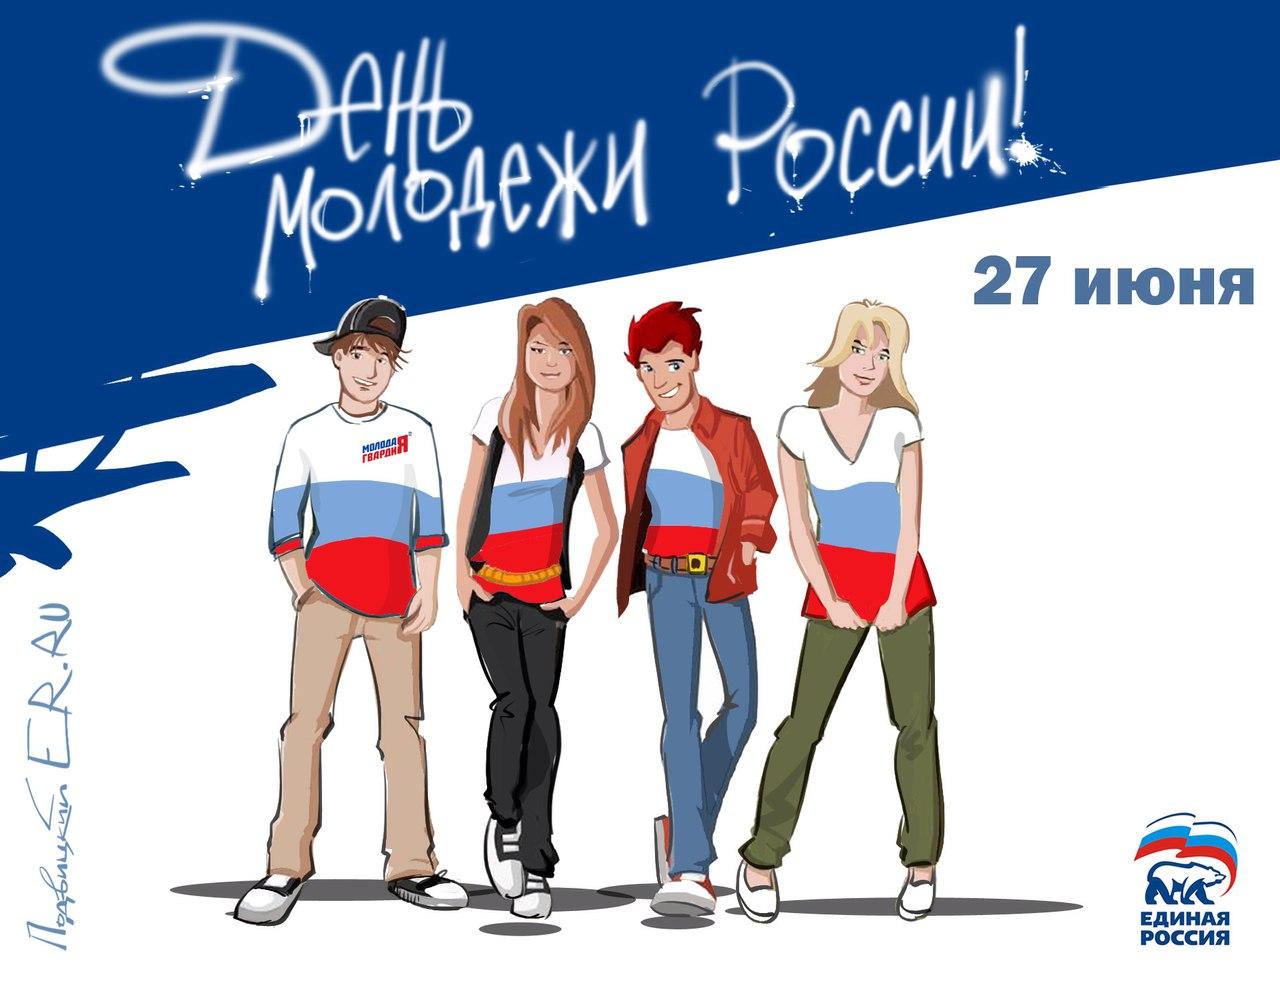 Поздравления в день молодежи от президентов